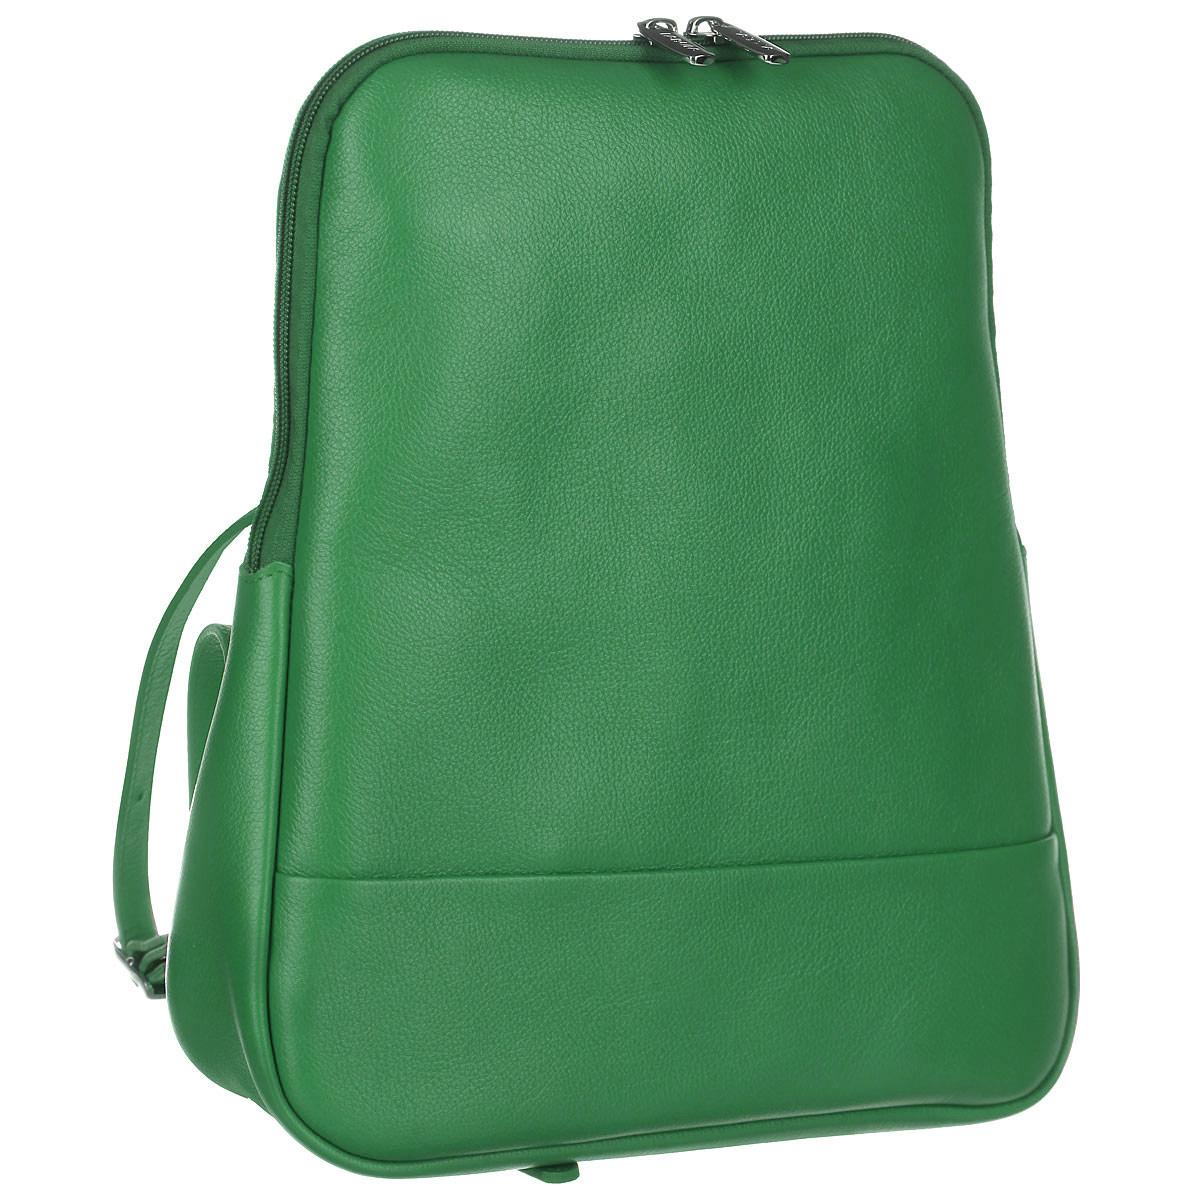 Рюкзак женский Fabula, цвет: зеленый. S.141.FPS76245Стильный женский рюкзак Fabula из коллекции Every day выполнен из натуральной кожи и оформлен фактурным тиснением. Закрывается на молнию. Изделие содержит одно основное отделение, закрывающееся на застежку-молнию. Внутри - врезной карман на молнии, два накладных кармашка для мобильного телефона и мелочей. На внешней оборотной стороне два регулируемых за счет пряжек плечевых ремня.Рюкзак упакован в фирменный пакет.Оригинальный рюкзак станет незаменимым спутником в маленьком путешествии, поможет вам подчеркнуть свою индивидуальность и сделает ваш образ изысканным и завершенным.